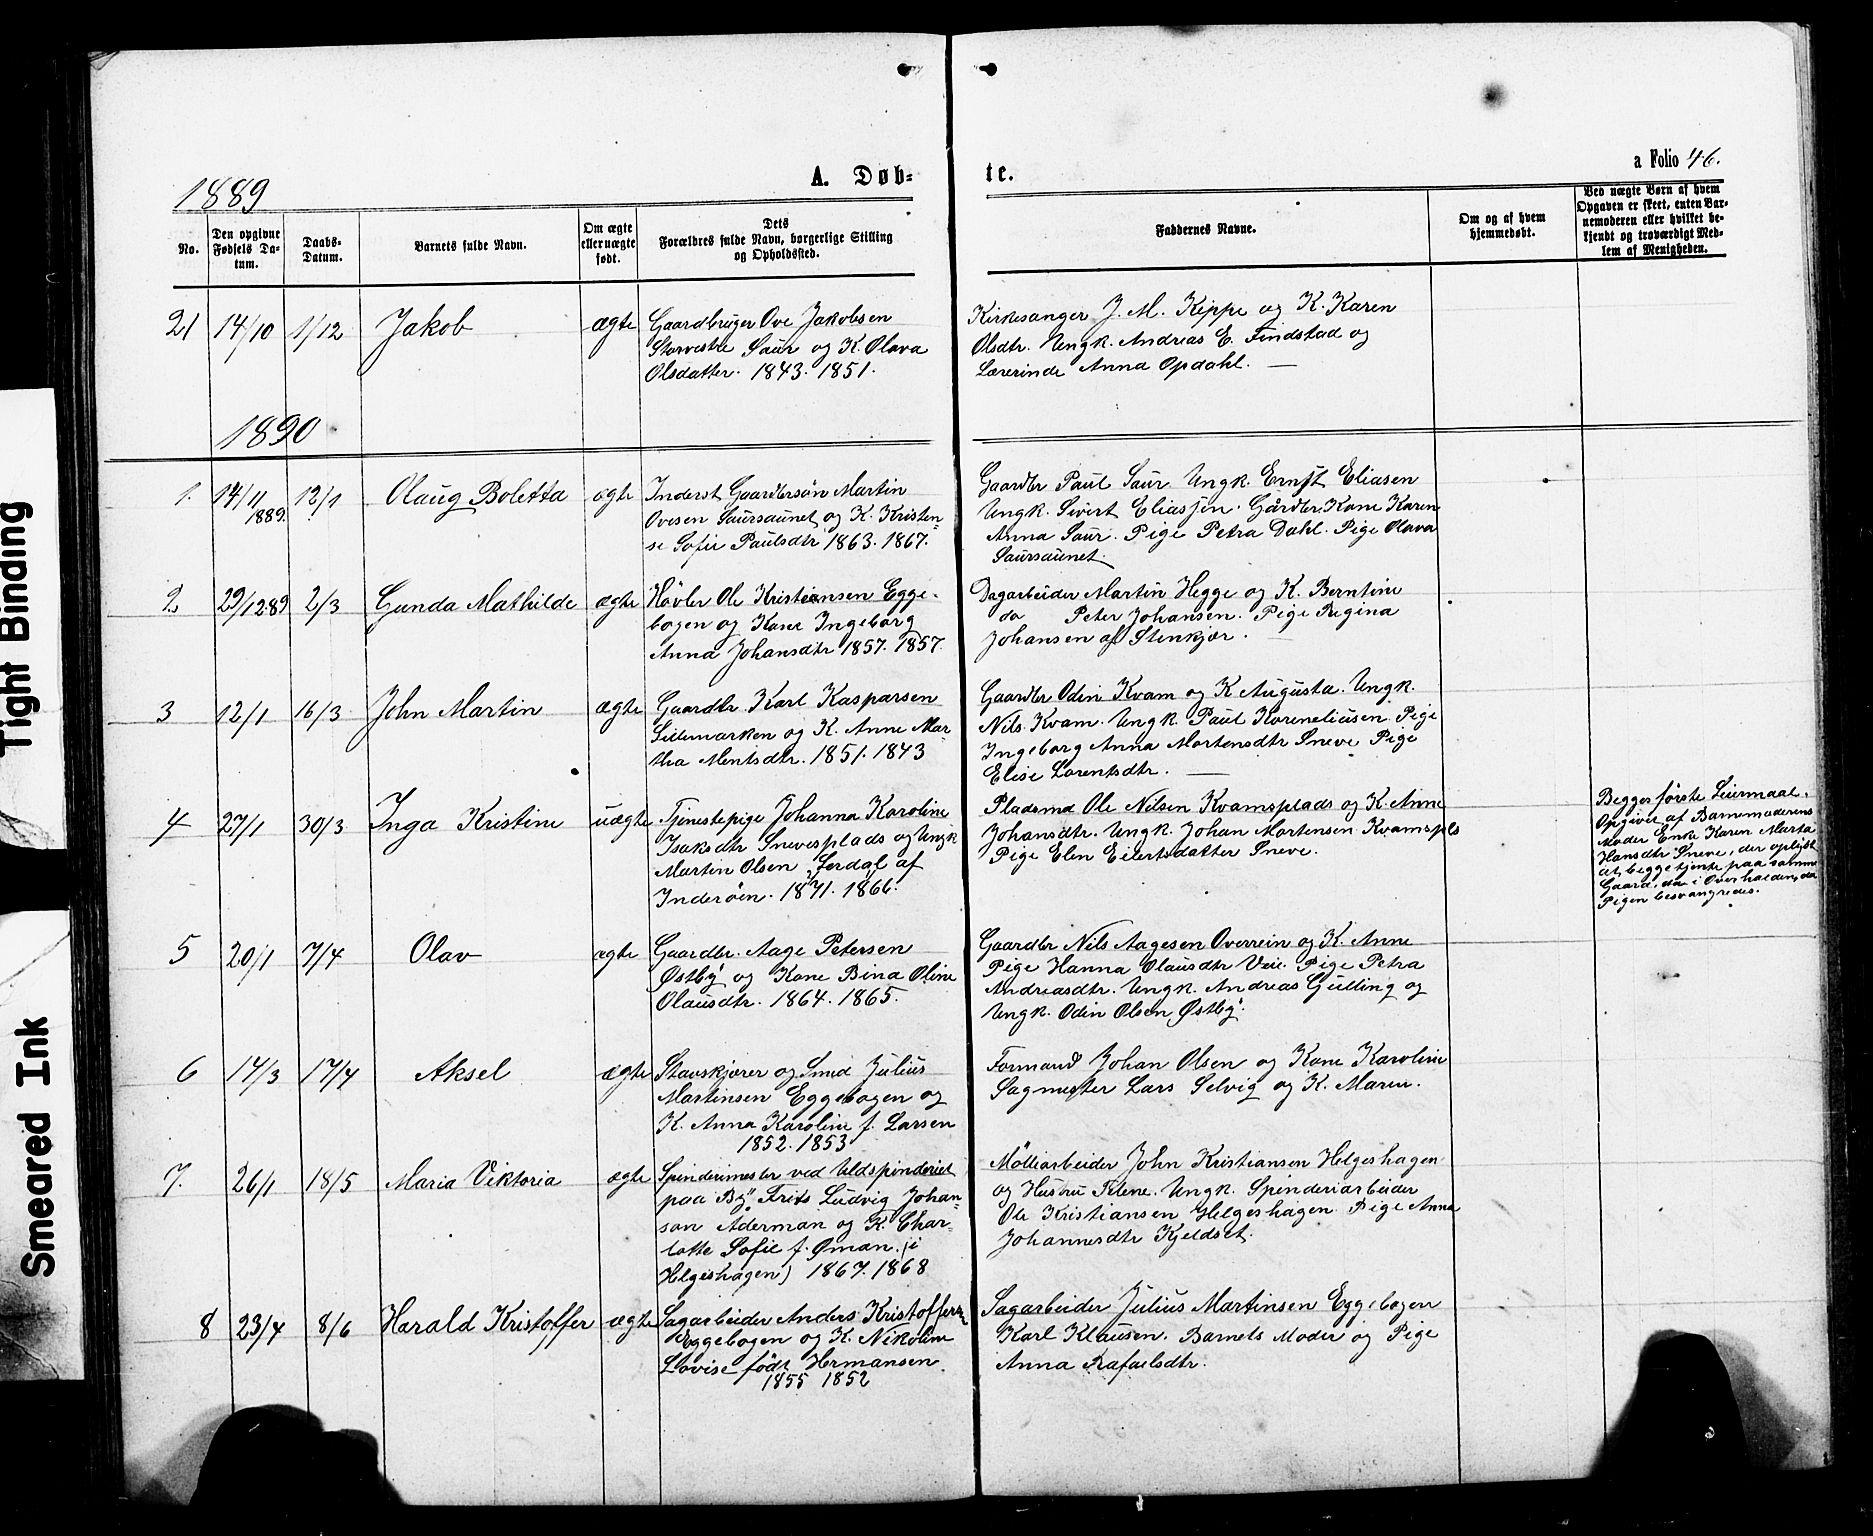 SAT, Ministerialprotokoller, klokkerbøker og fødselsregistre - Nord-Trøndelag, 740/L0380: Klokkerbok nr. 740C01, 1868-1902, s. 46